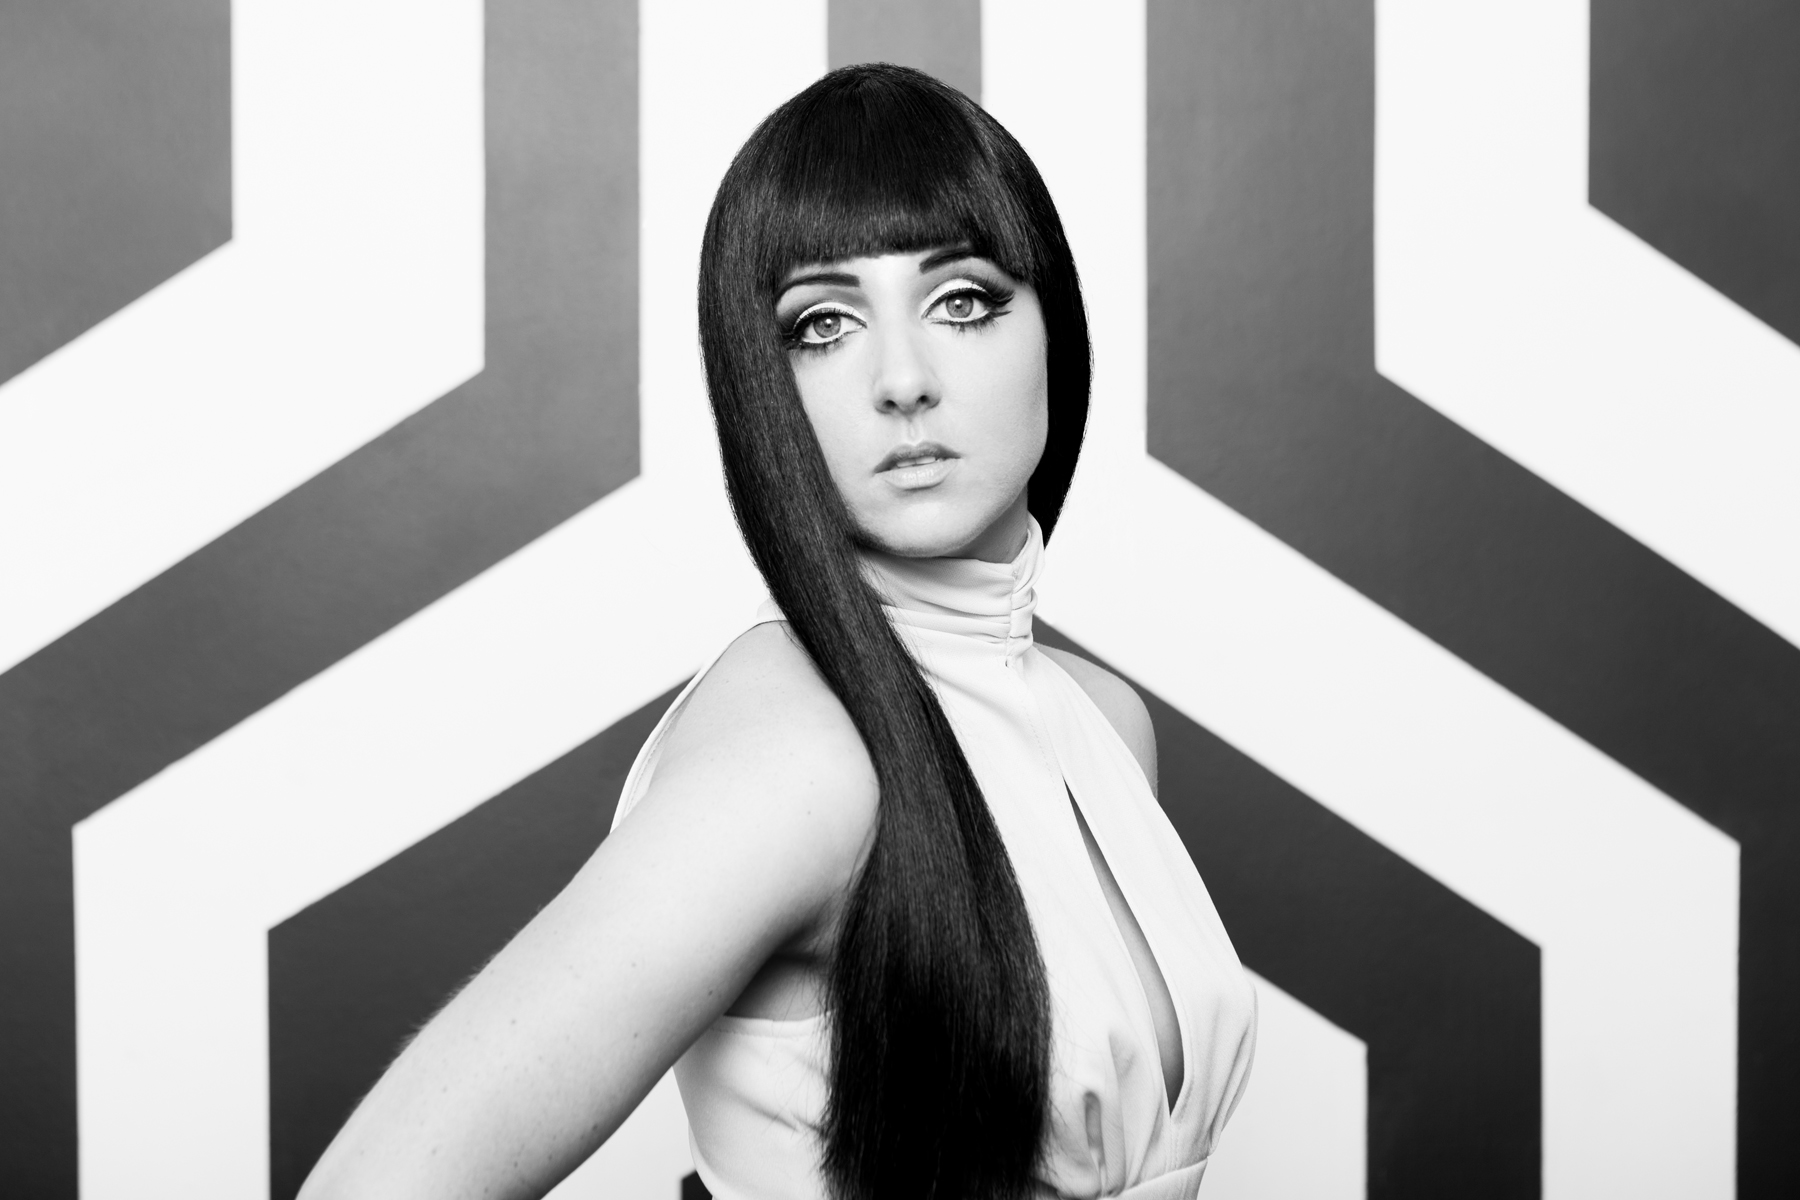 Chelsea-Wilson-Promo-shot-Cher-1